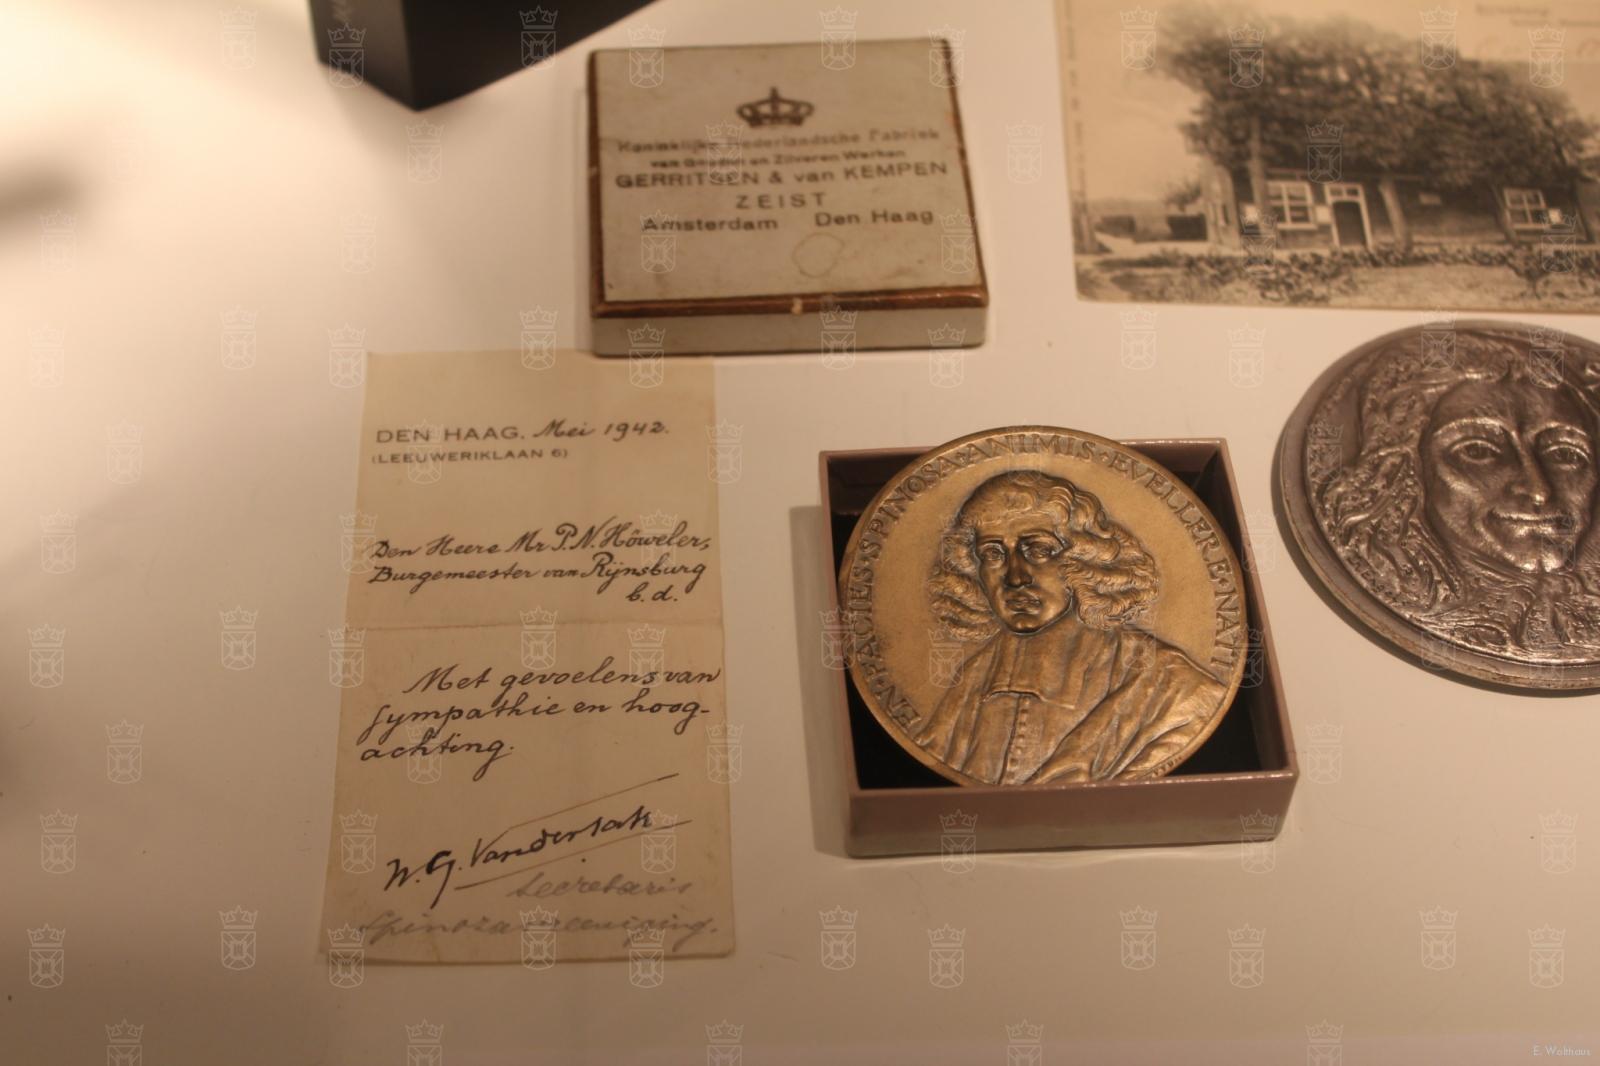 Een Spinozapenning uitgereikt in 1942 door de Vereniging het Spinozahuis aan burgemeester Höweler als dank voor zijn verzetsdaden.